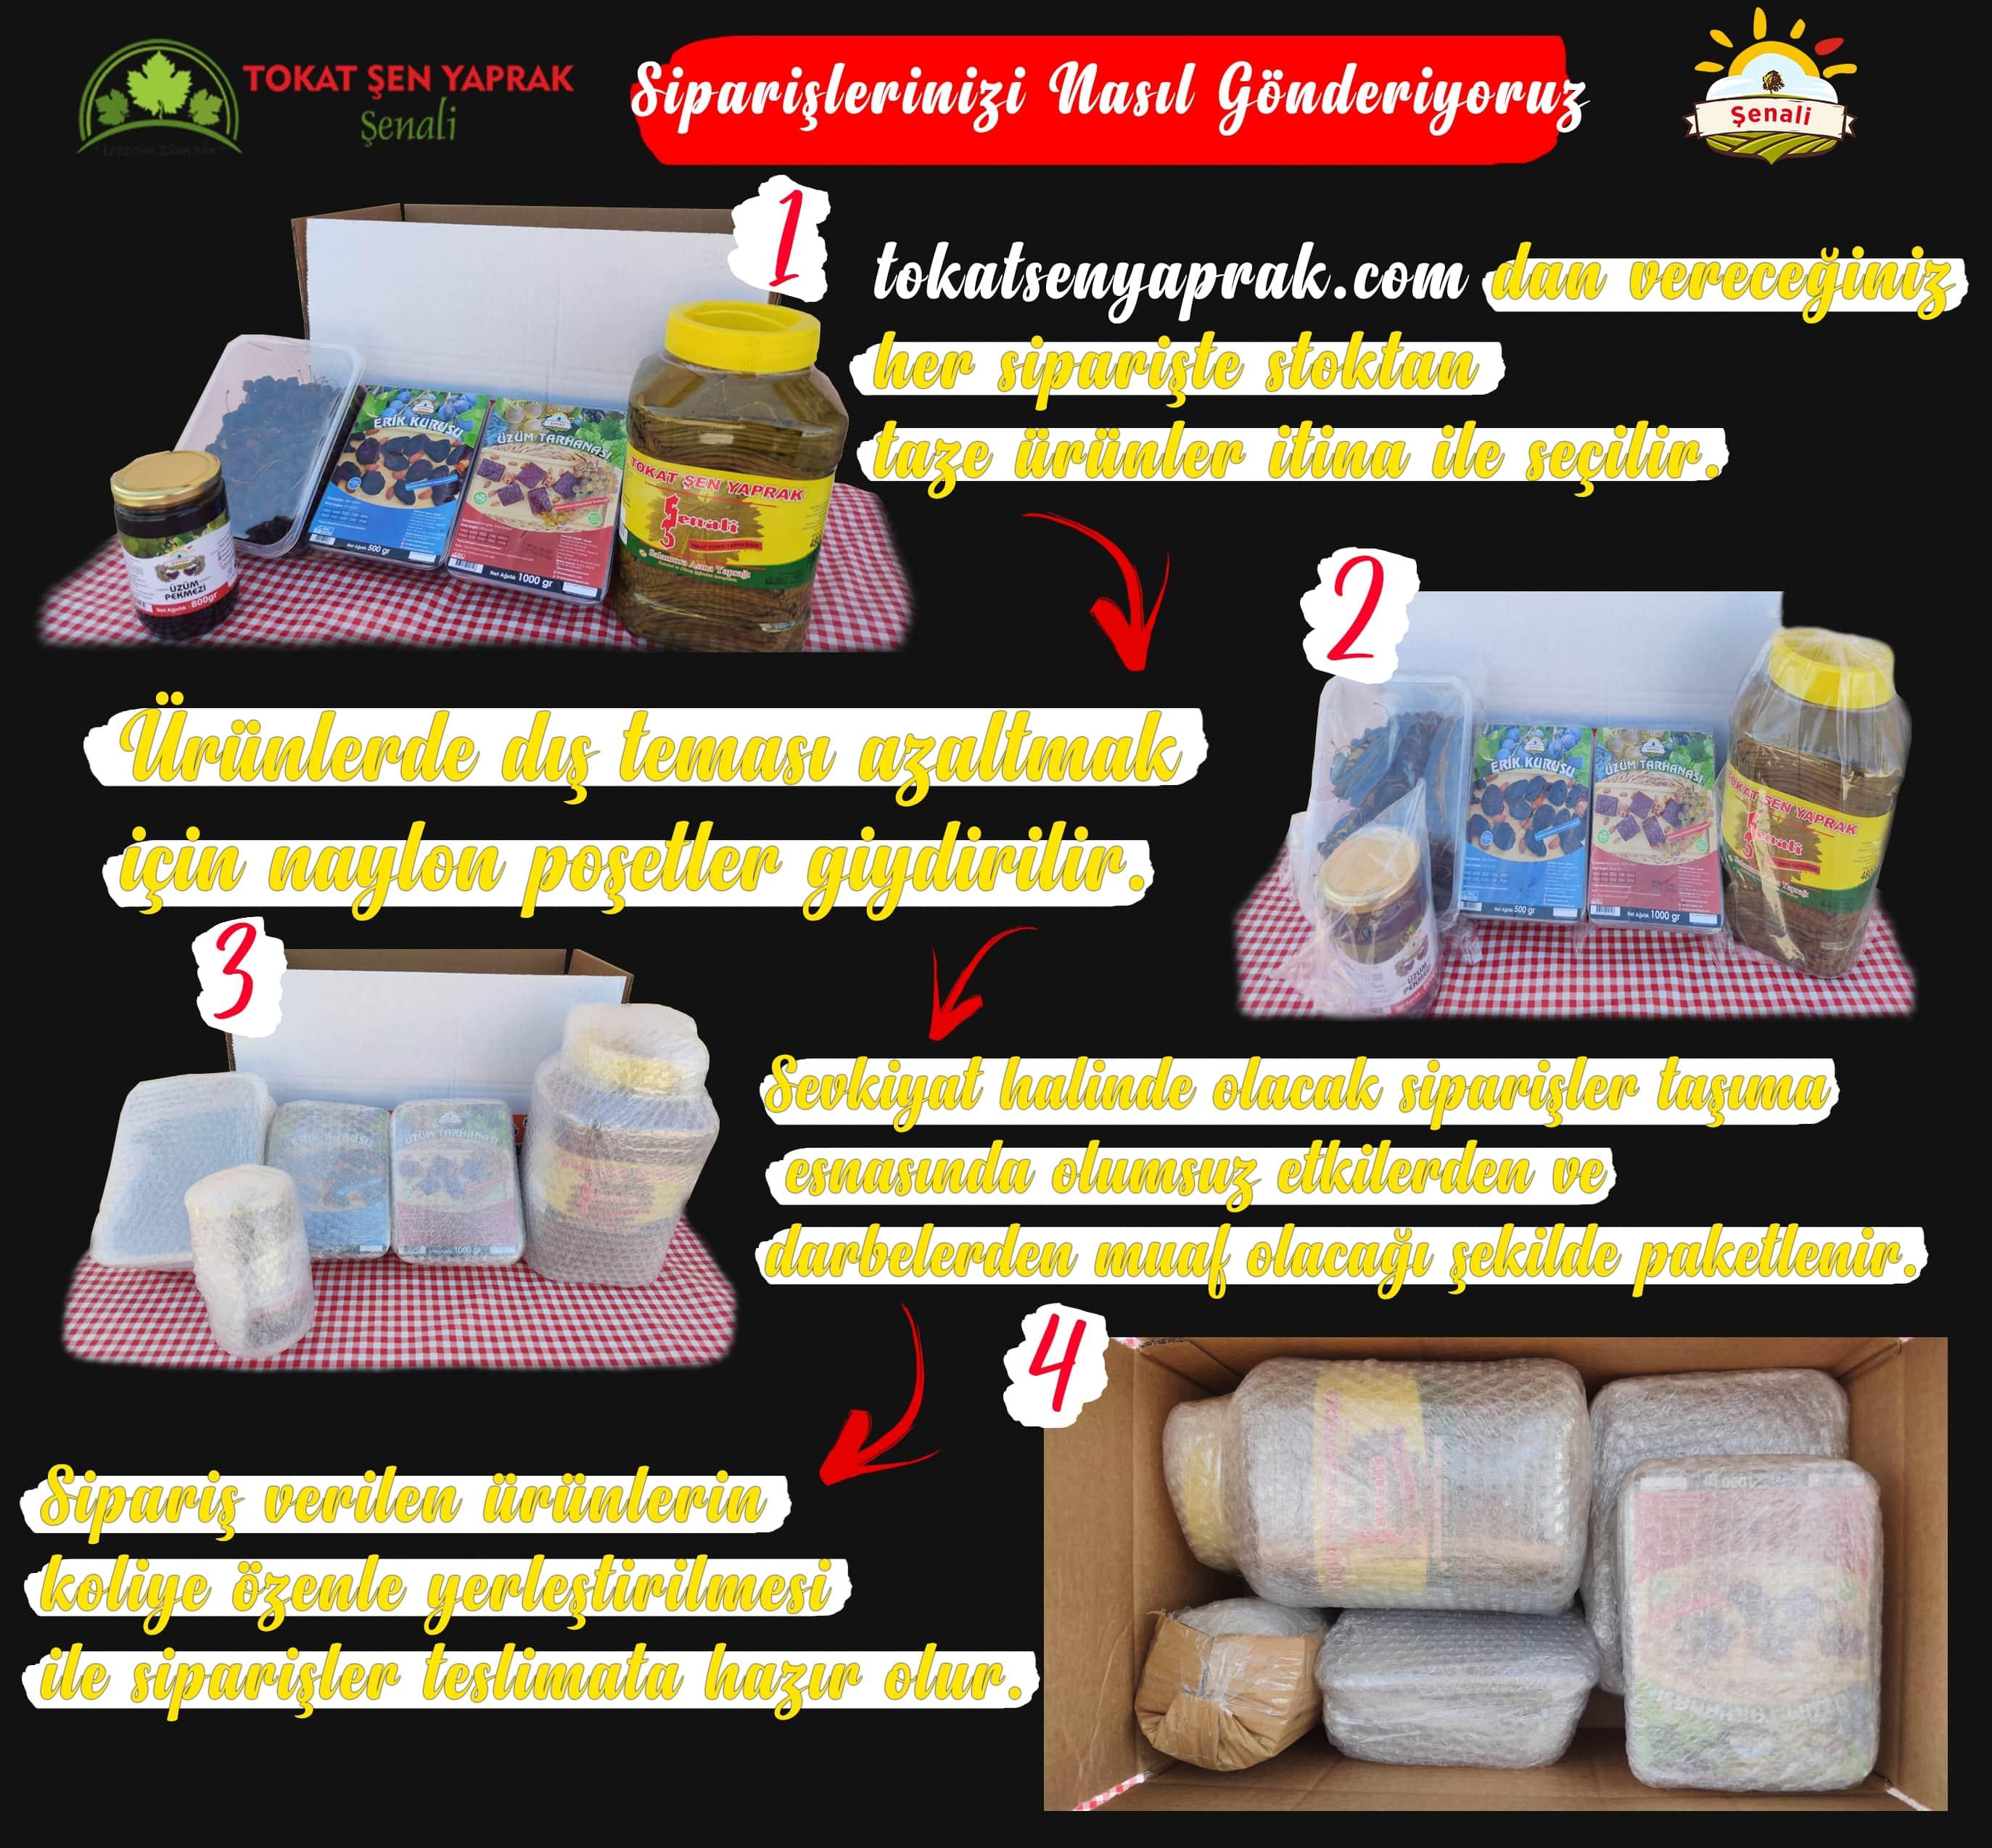 Ürünlerimizi Nasıl Gönderiyoruz - Kopya_1